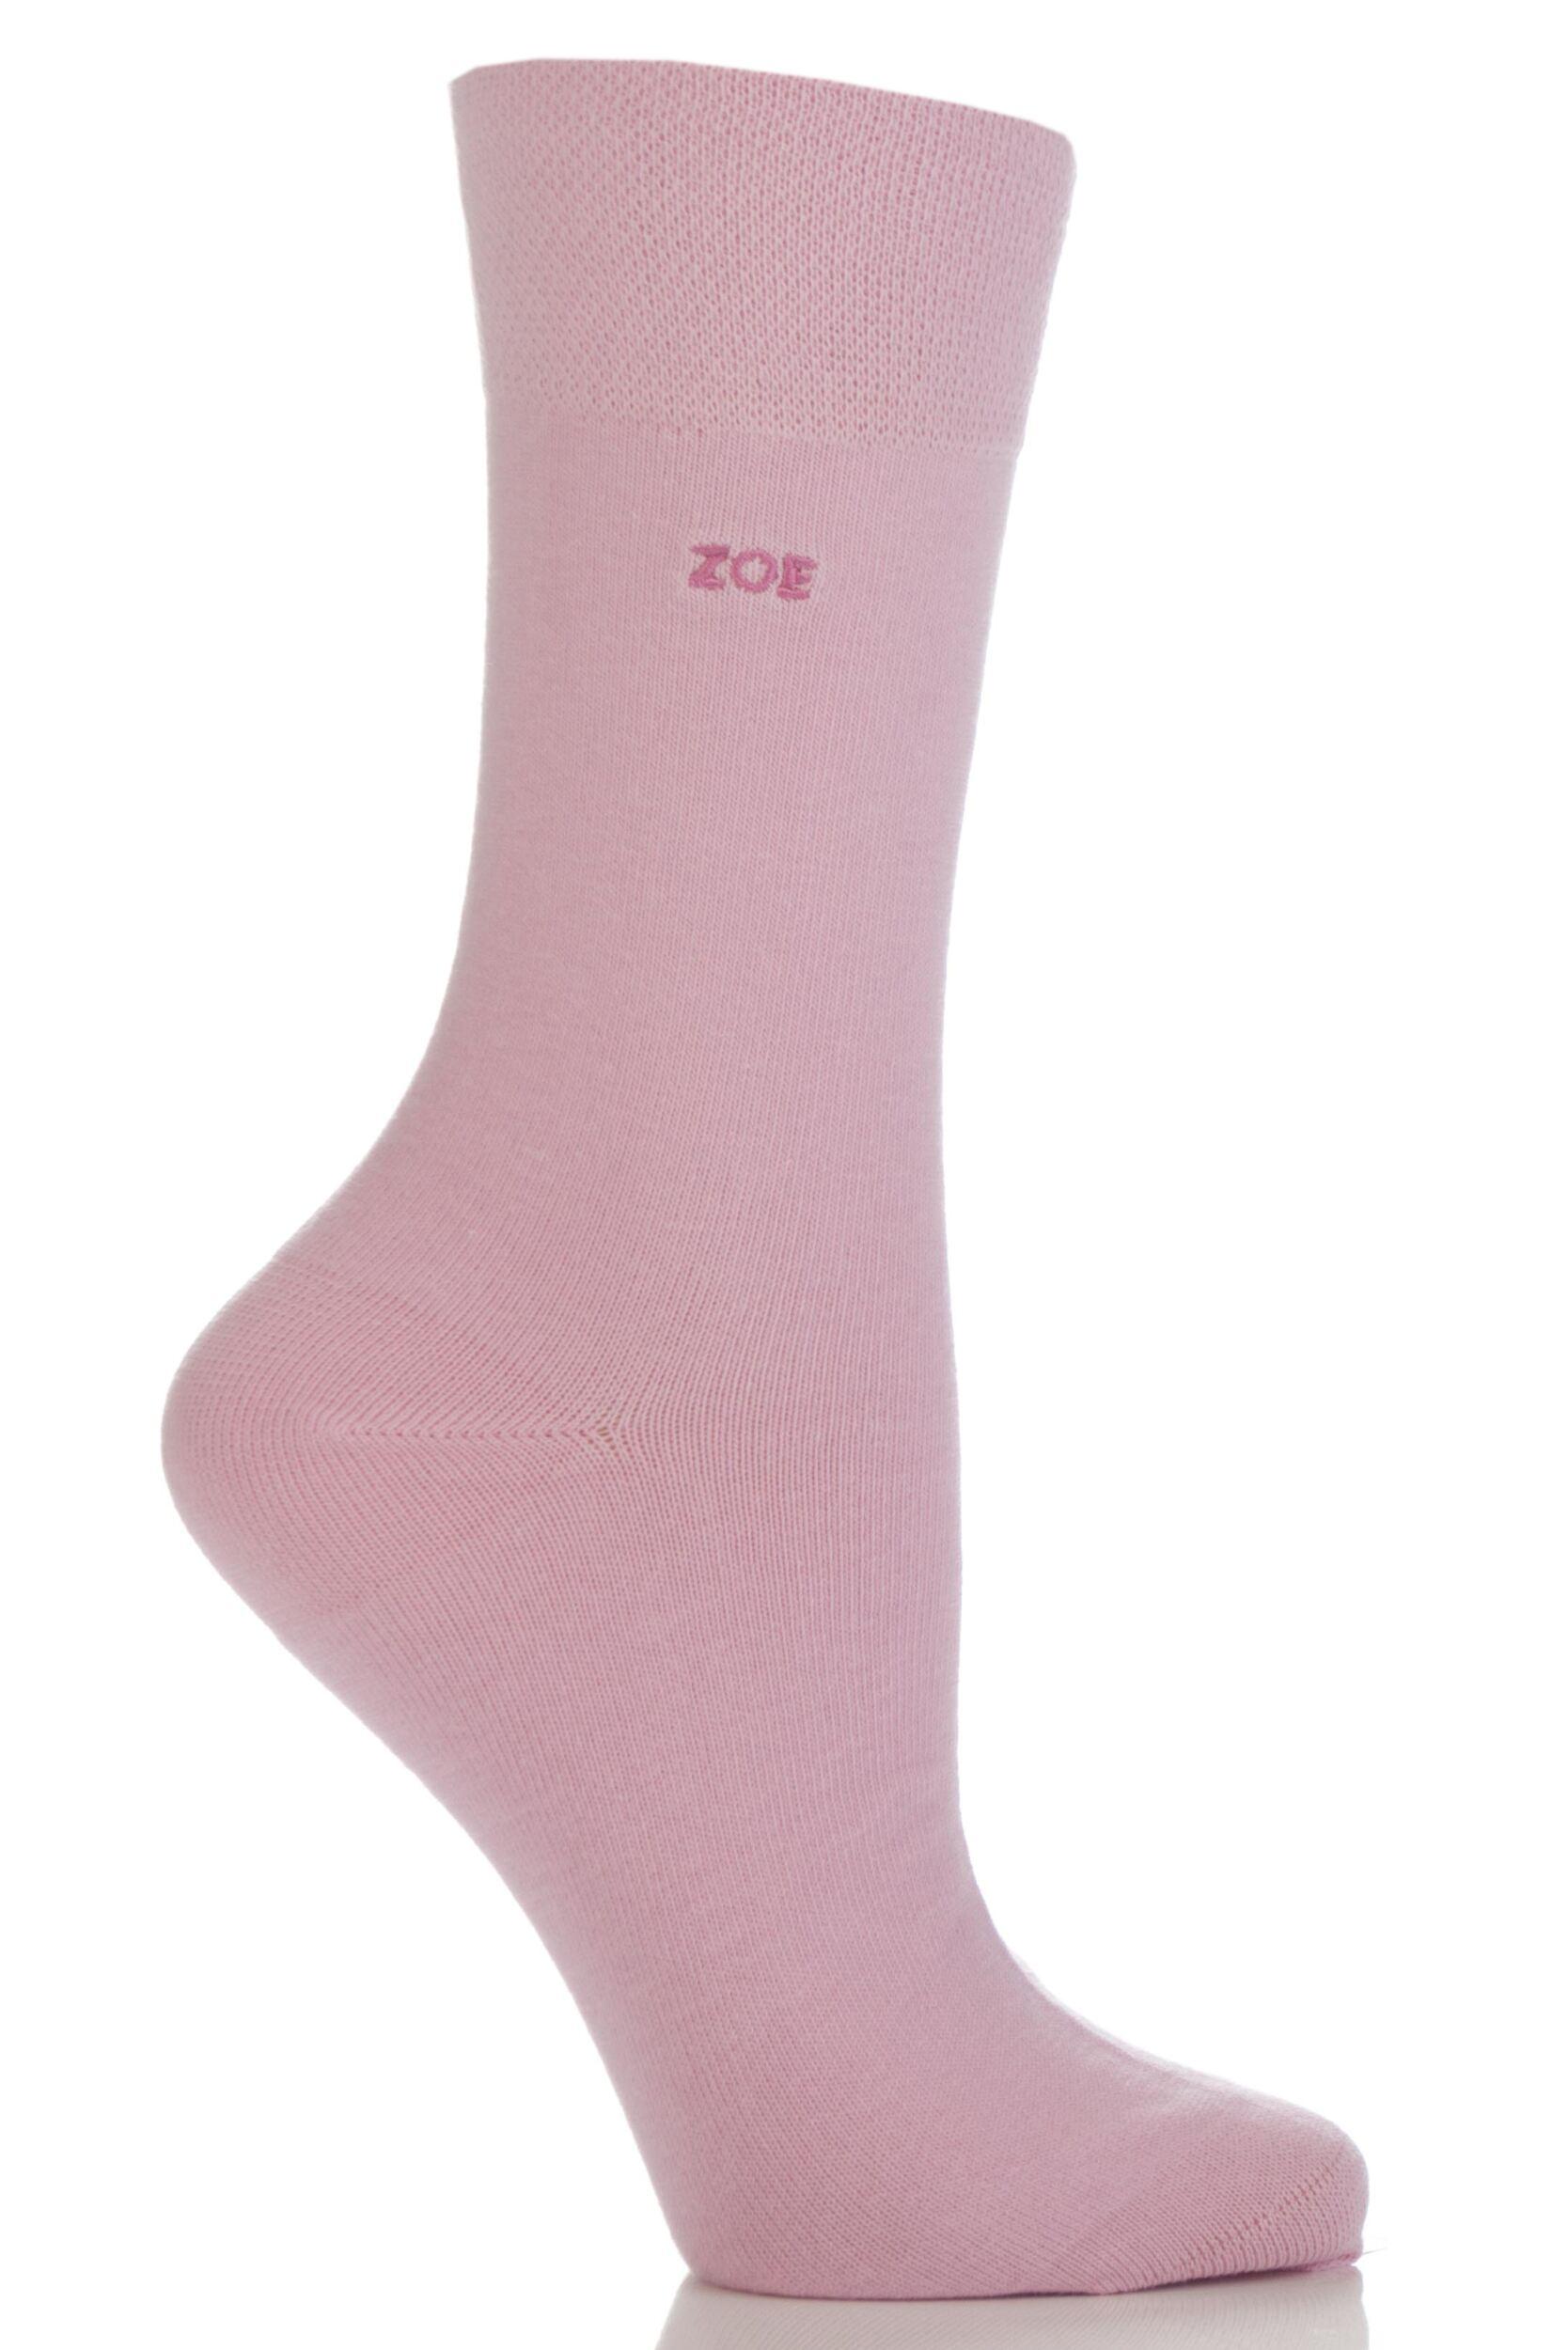 Men's Socks Ladies 1 Pair SockShop Individual Names Pink Embroidered Socks